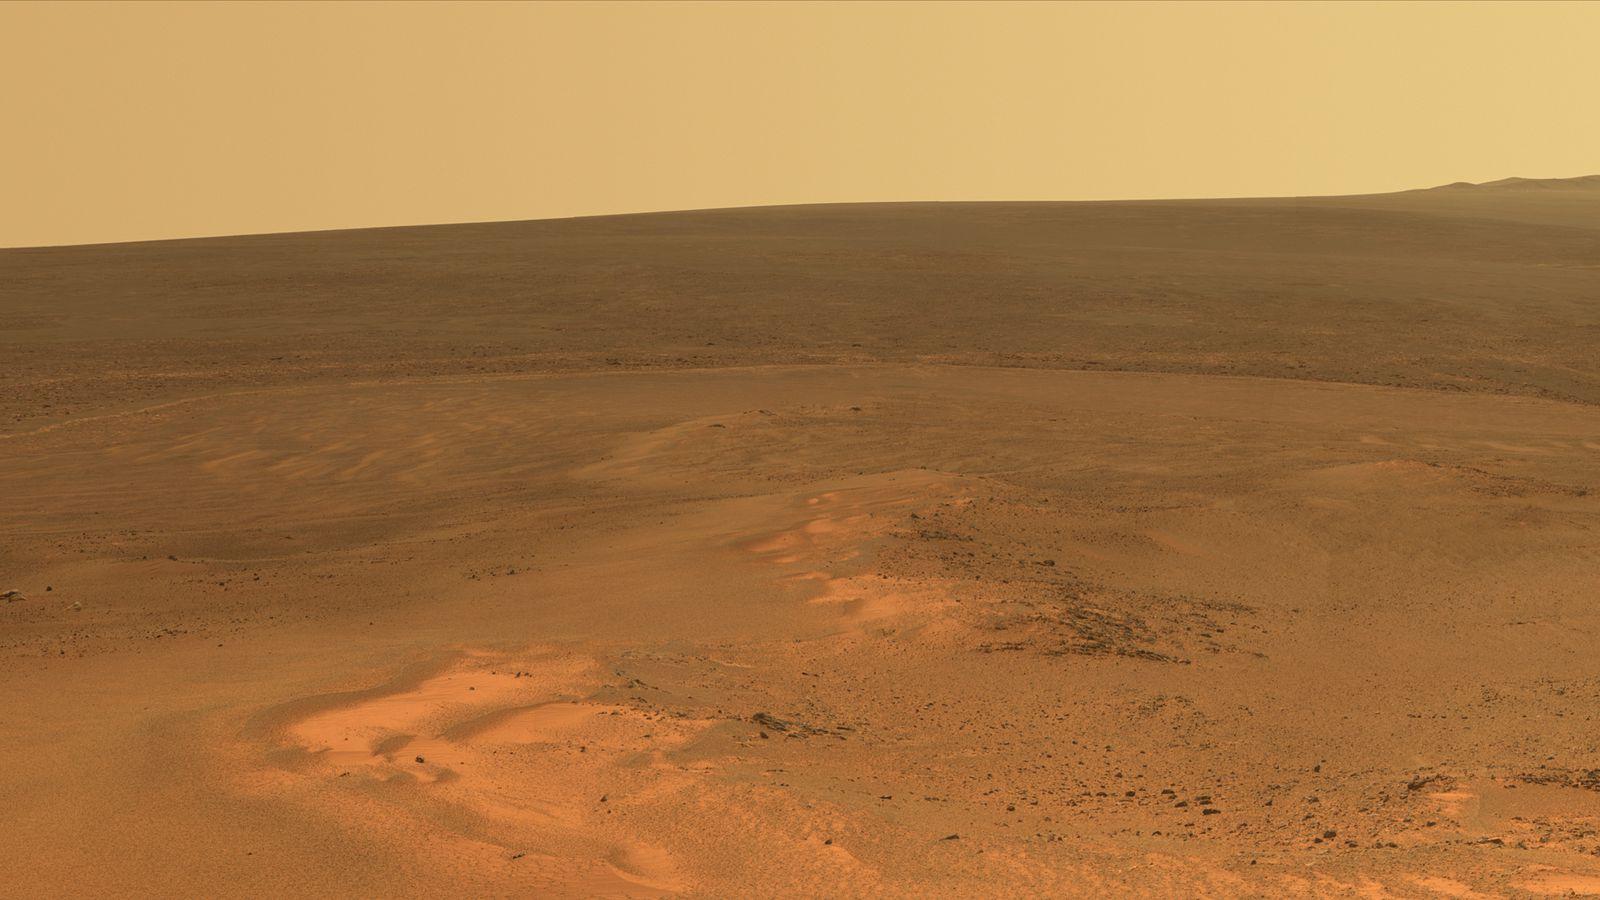 mars surface description - HD3973×2223